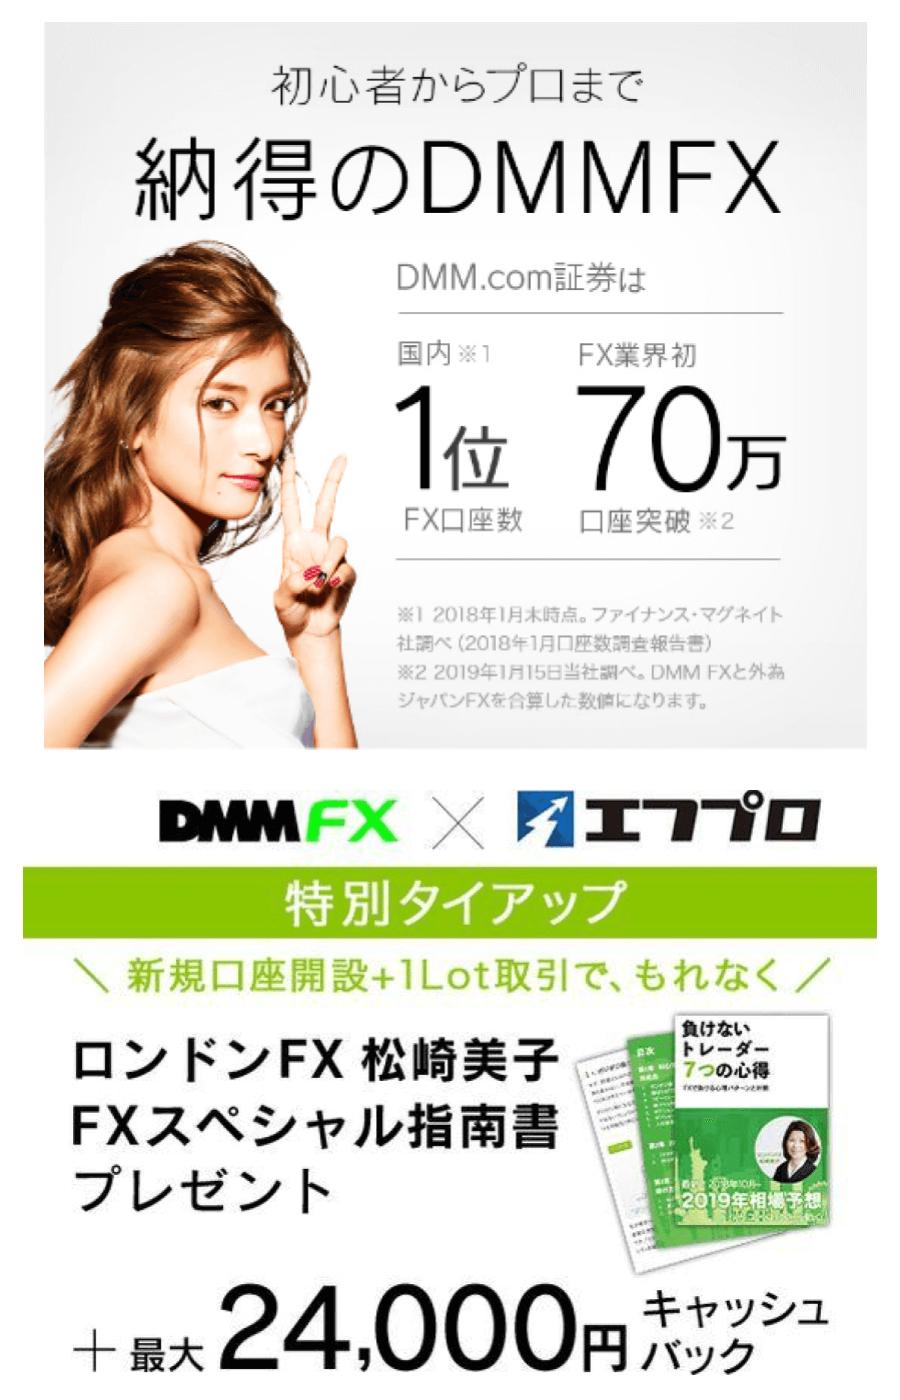 スプレッド業界最狭水準のDMMFX